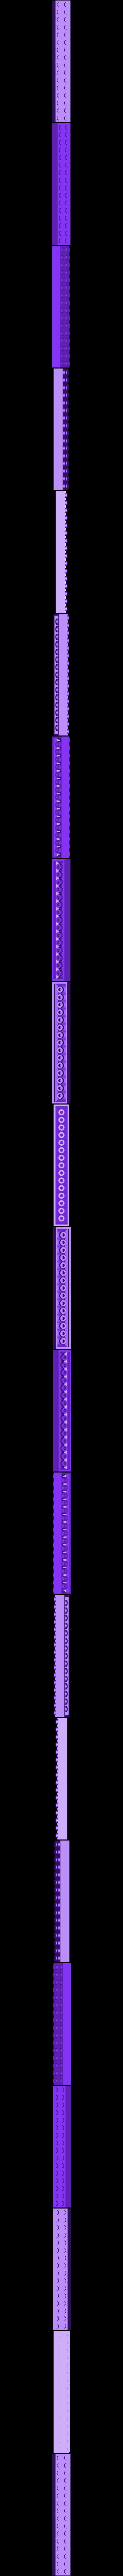 2x16brick_custom.STL Télécharger fichier STL gratuit Blocs de lettres multicolores Lego • Plan pour impression 3D, MosaicManufacturing